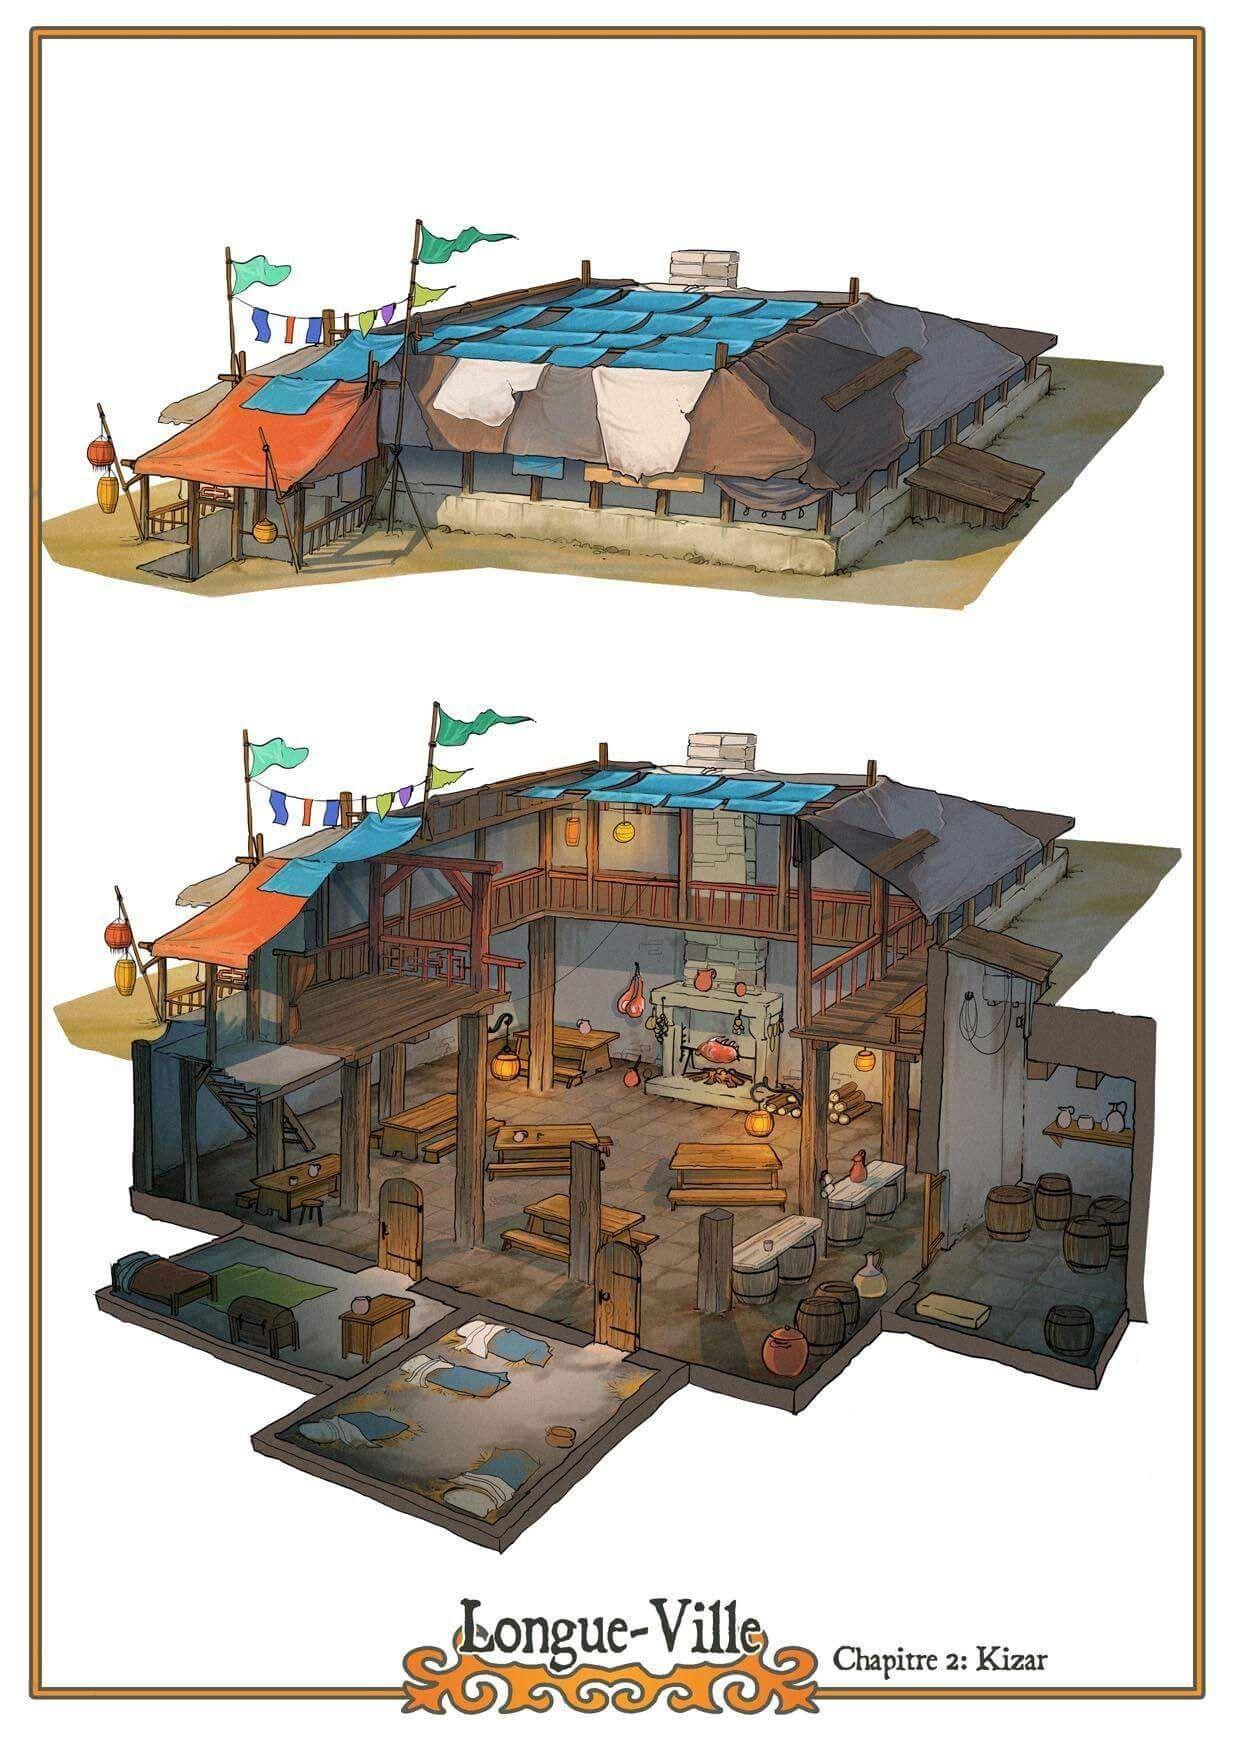 Map Room Conan Exiles : conan, exiles, Conan, Exiles, Ideas, Exiles,, Conan,, Barbarian